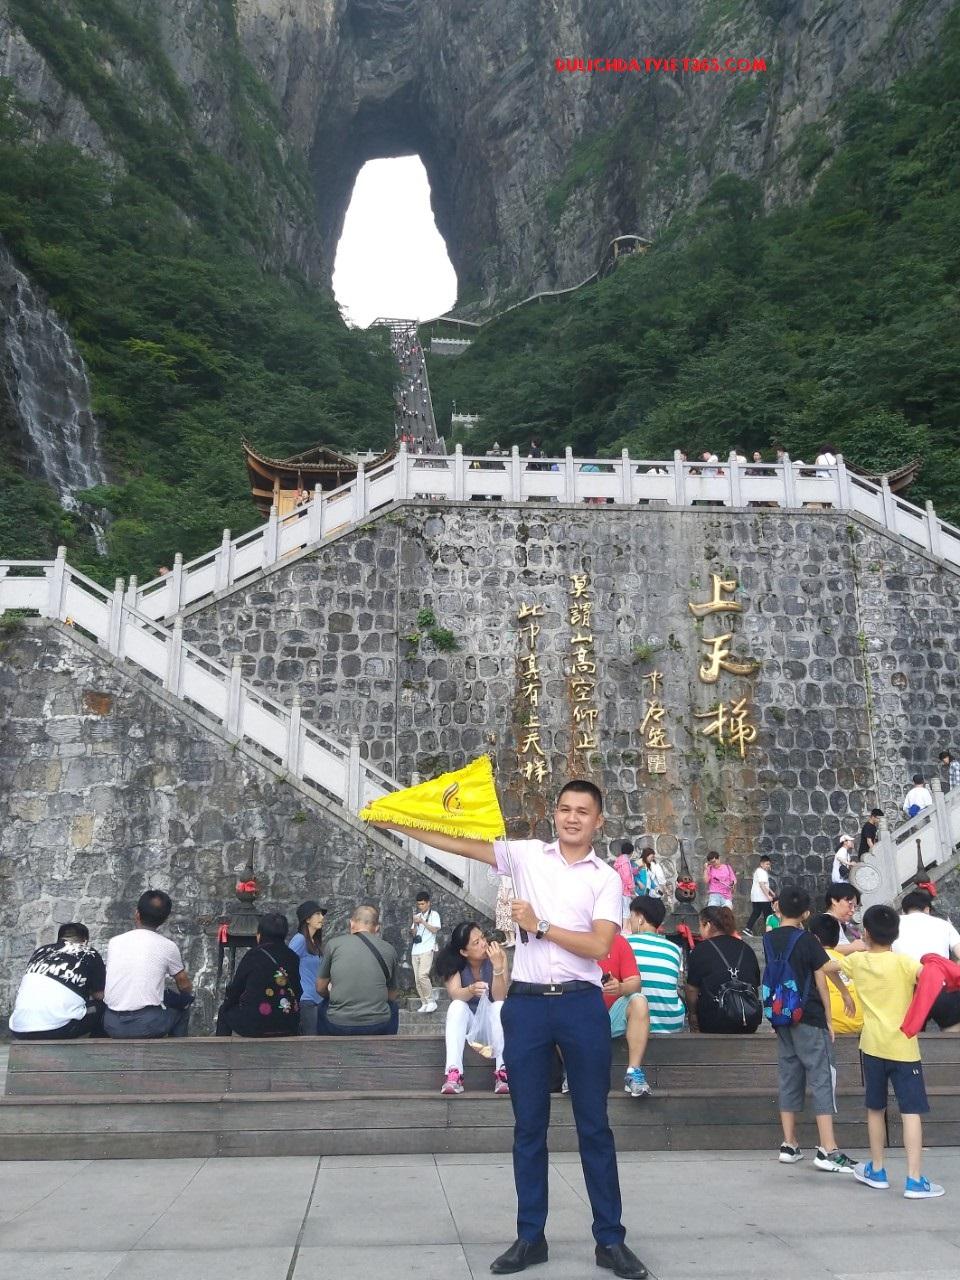 du lịch phượng hoàng cổ trấn từ thái nguyên